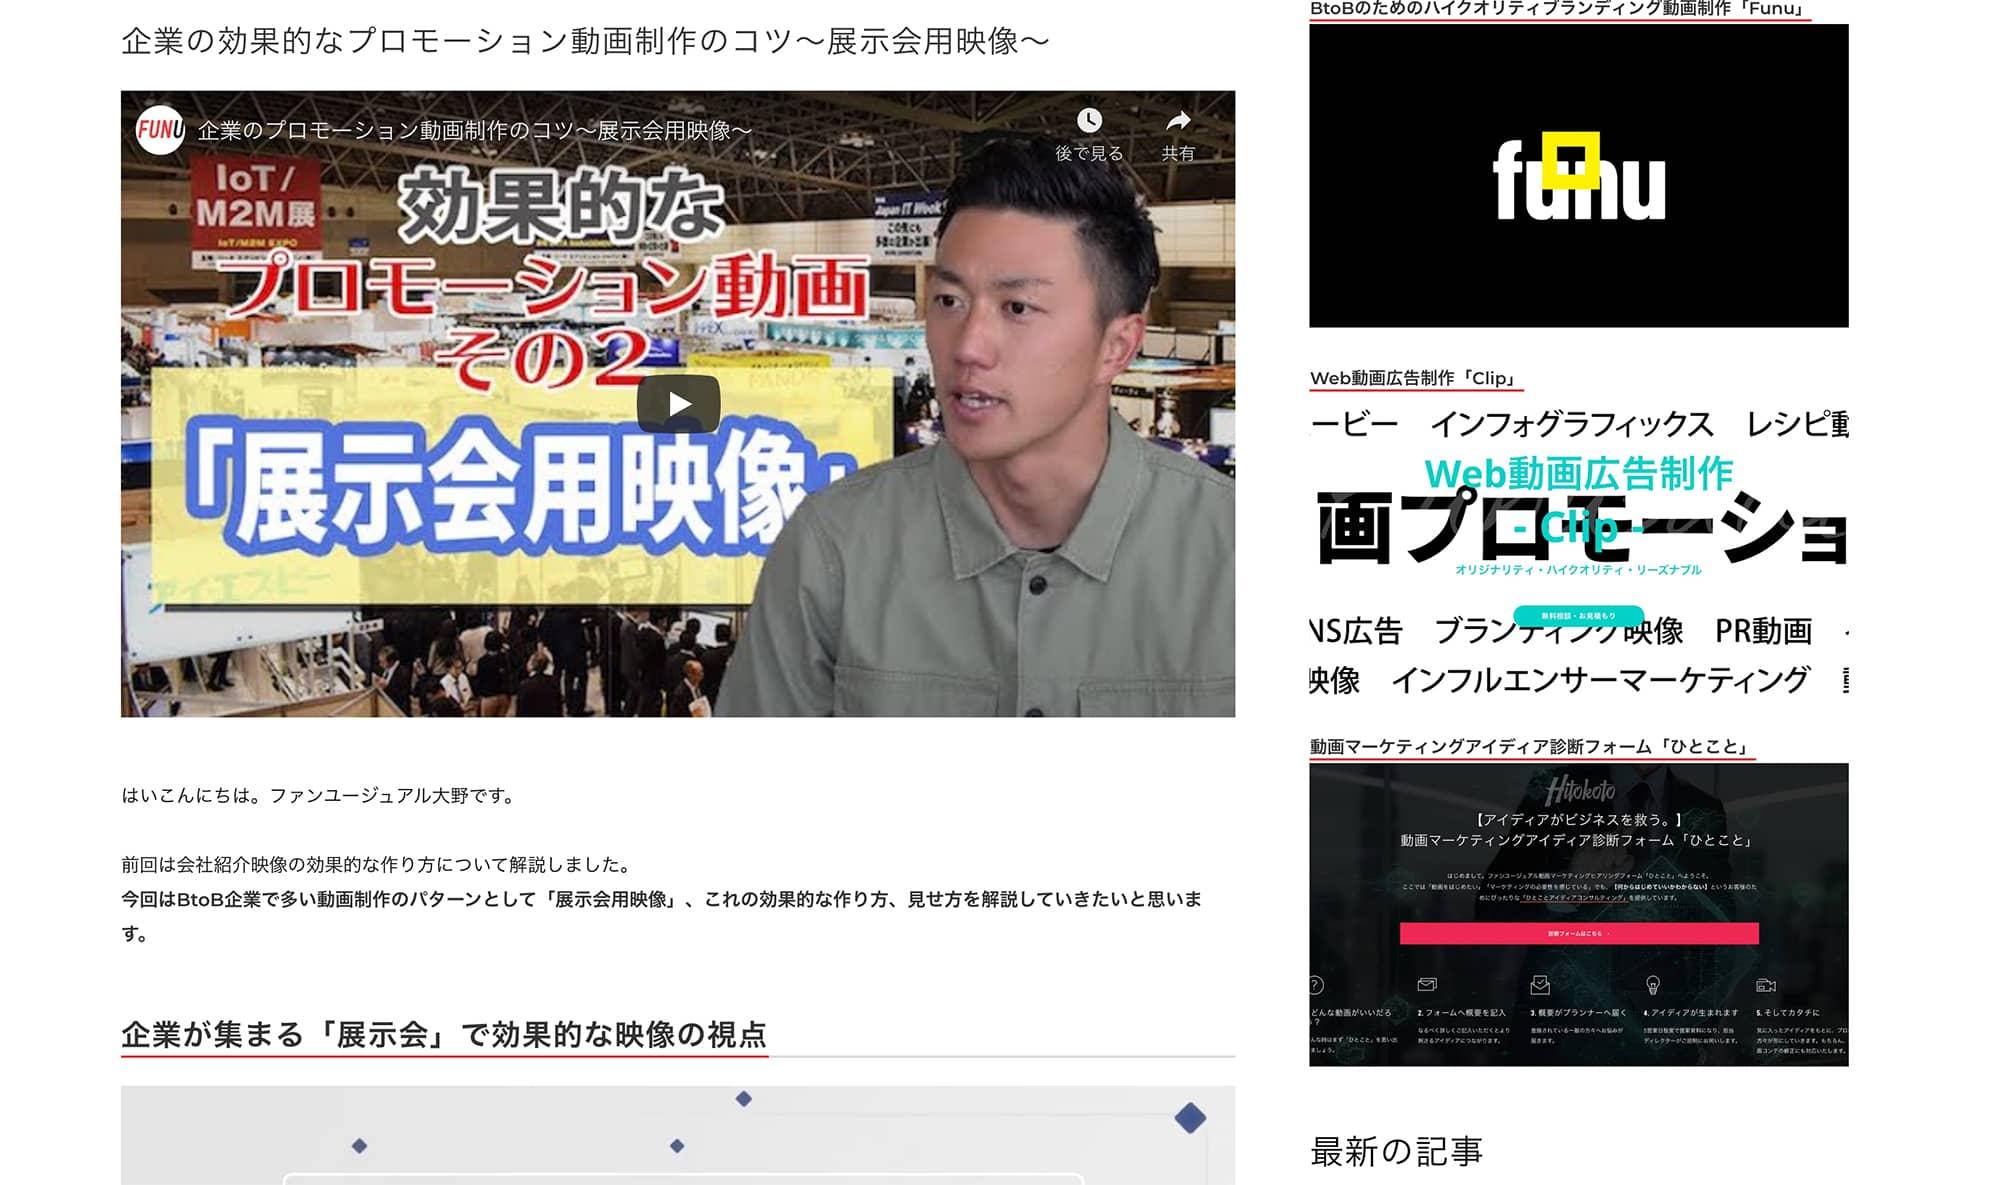 動画コンテンツ記事化